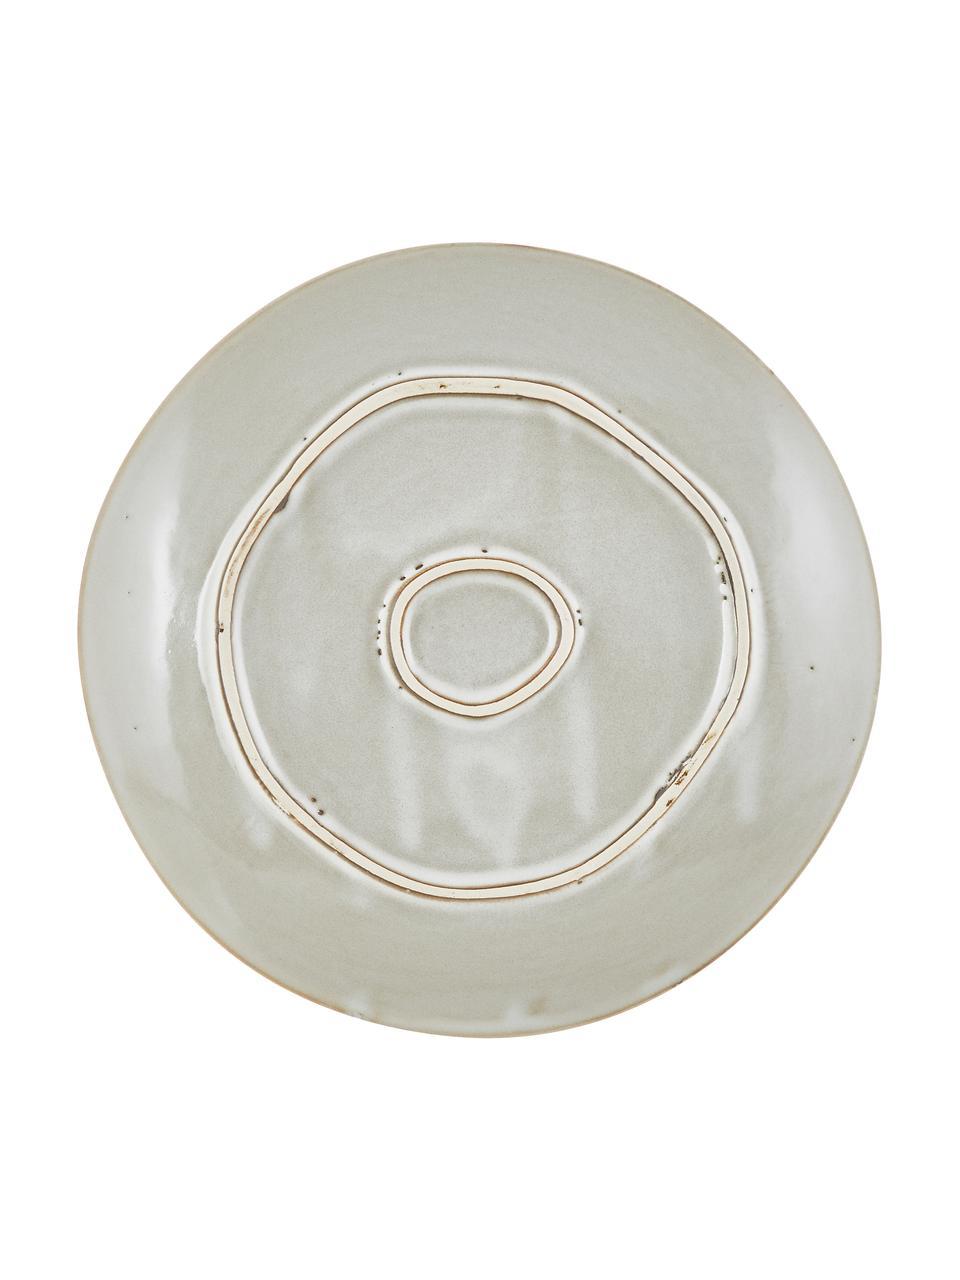 Platos postre artesanales de gres Thalia, 2uds., Gres, Beige, Ø 22 cm